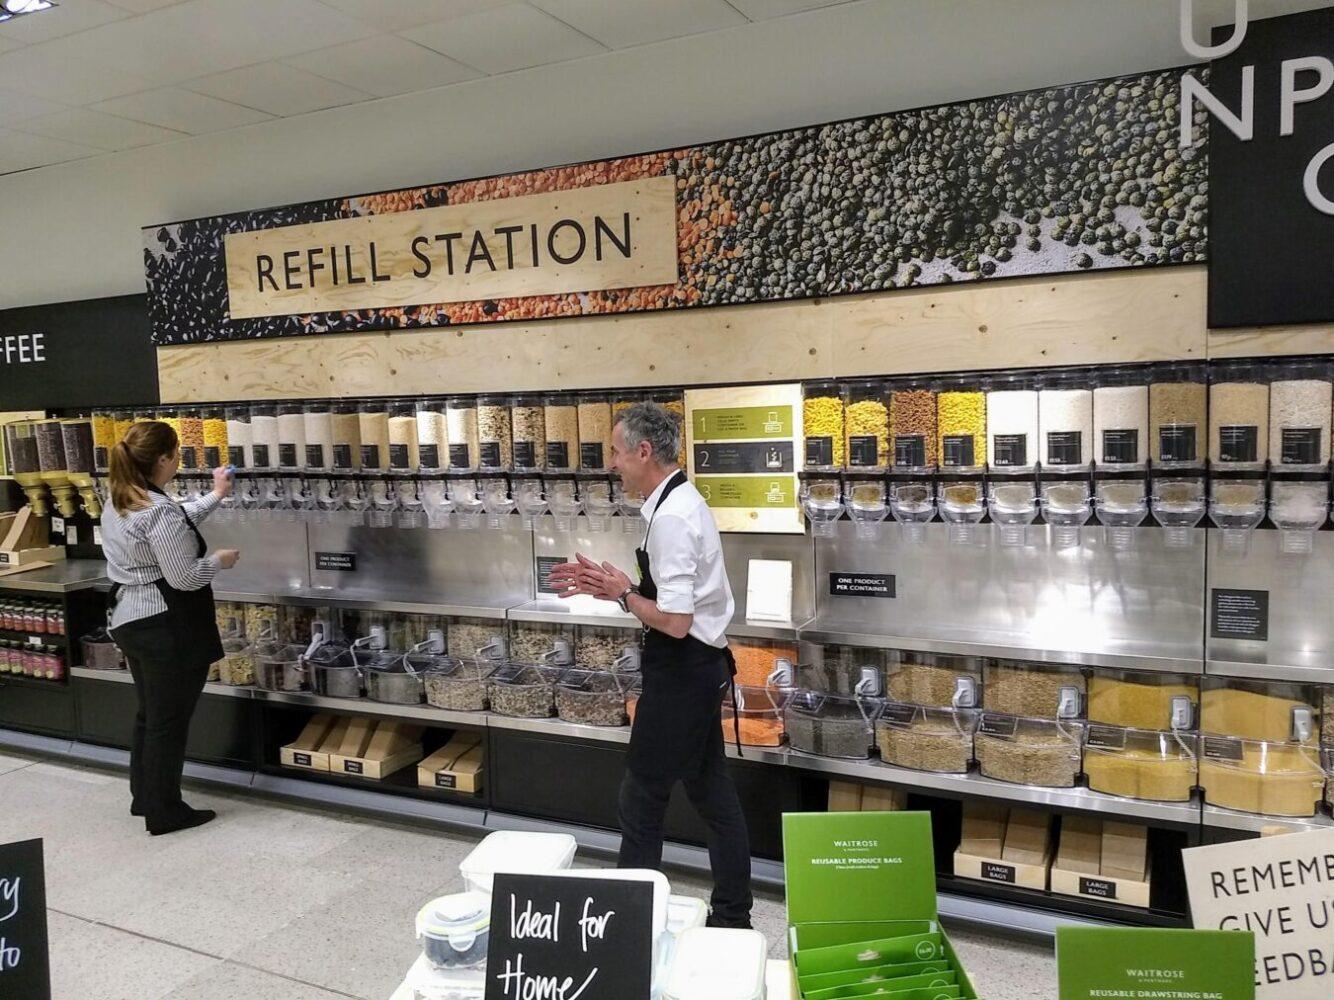 Waitrose refill station